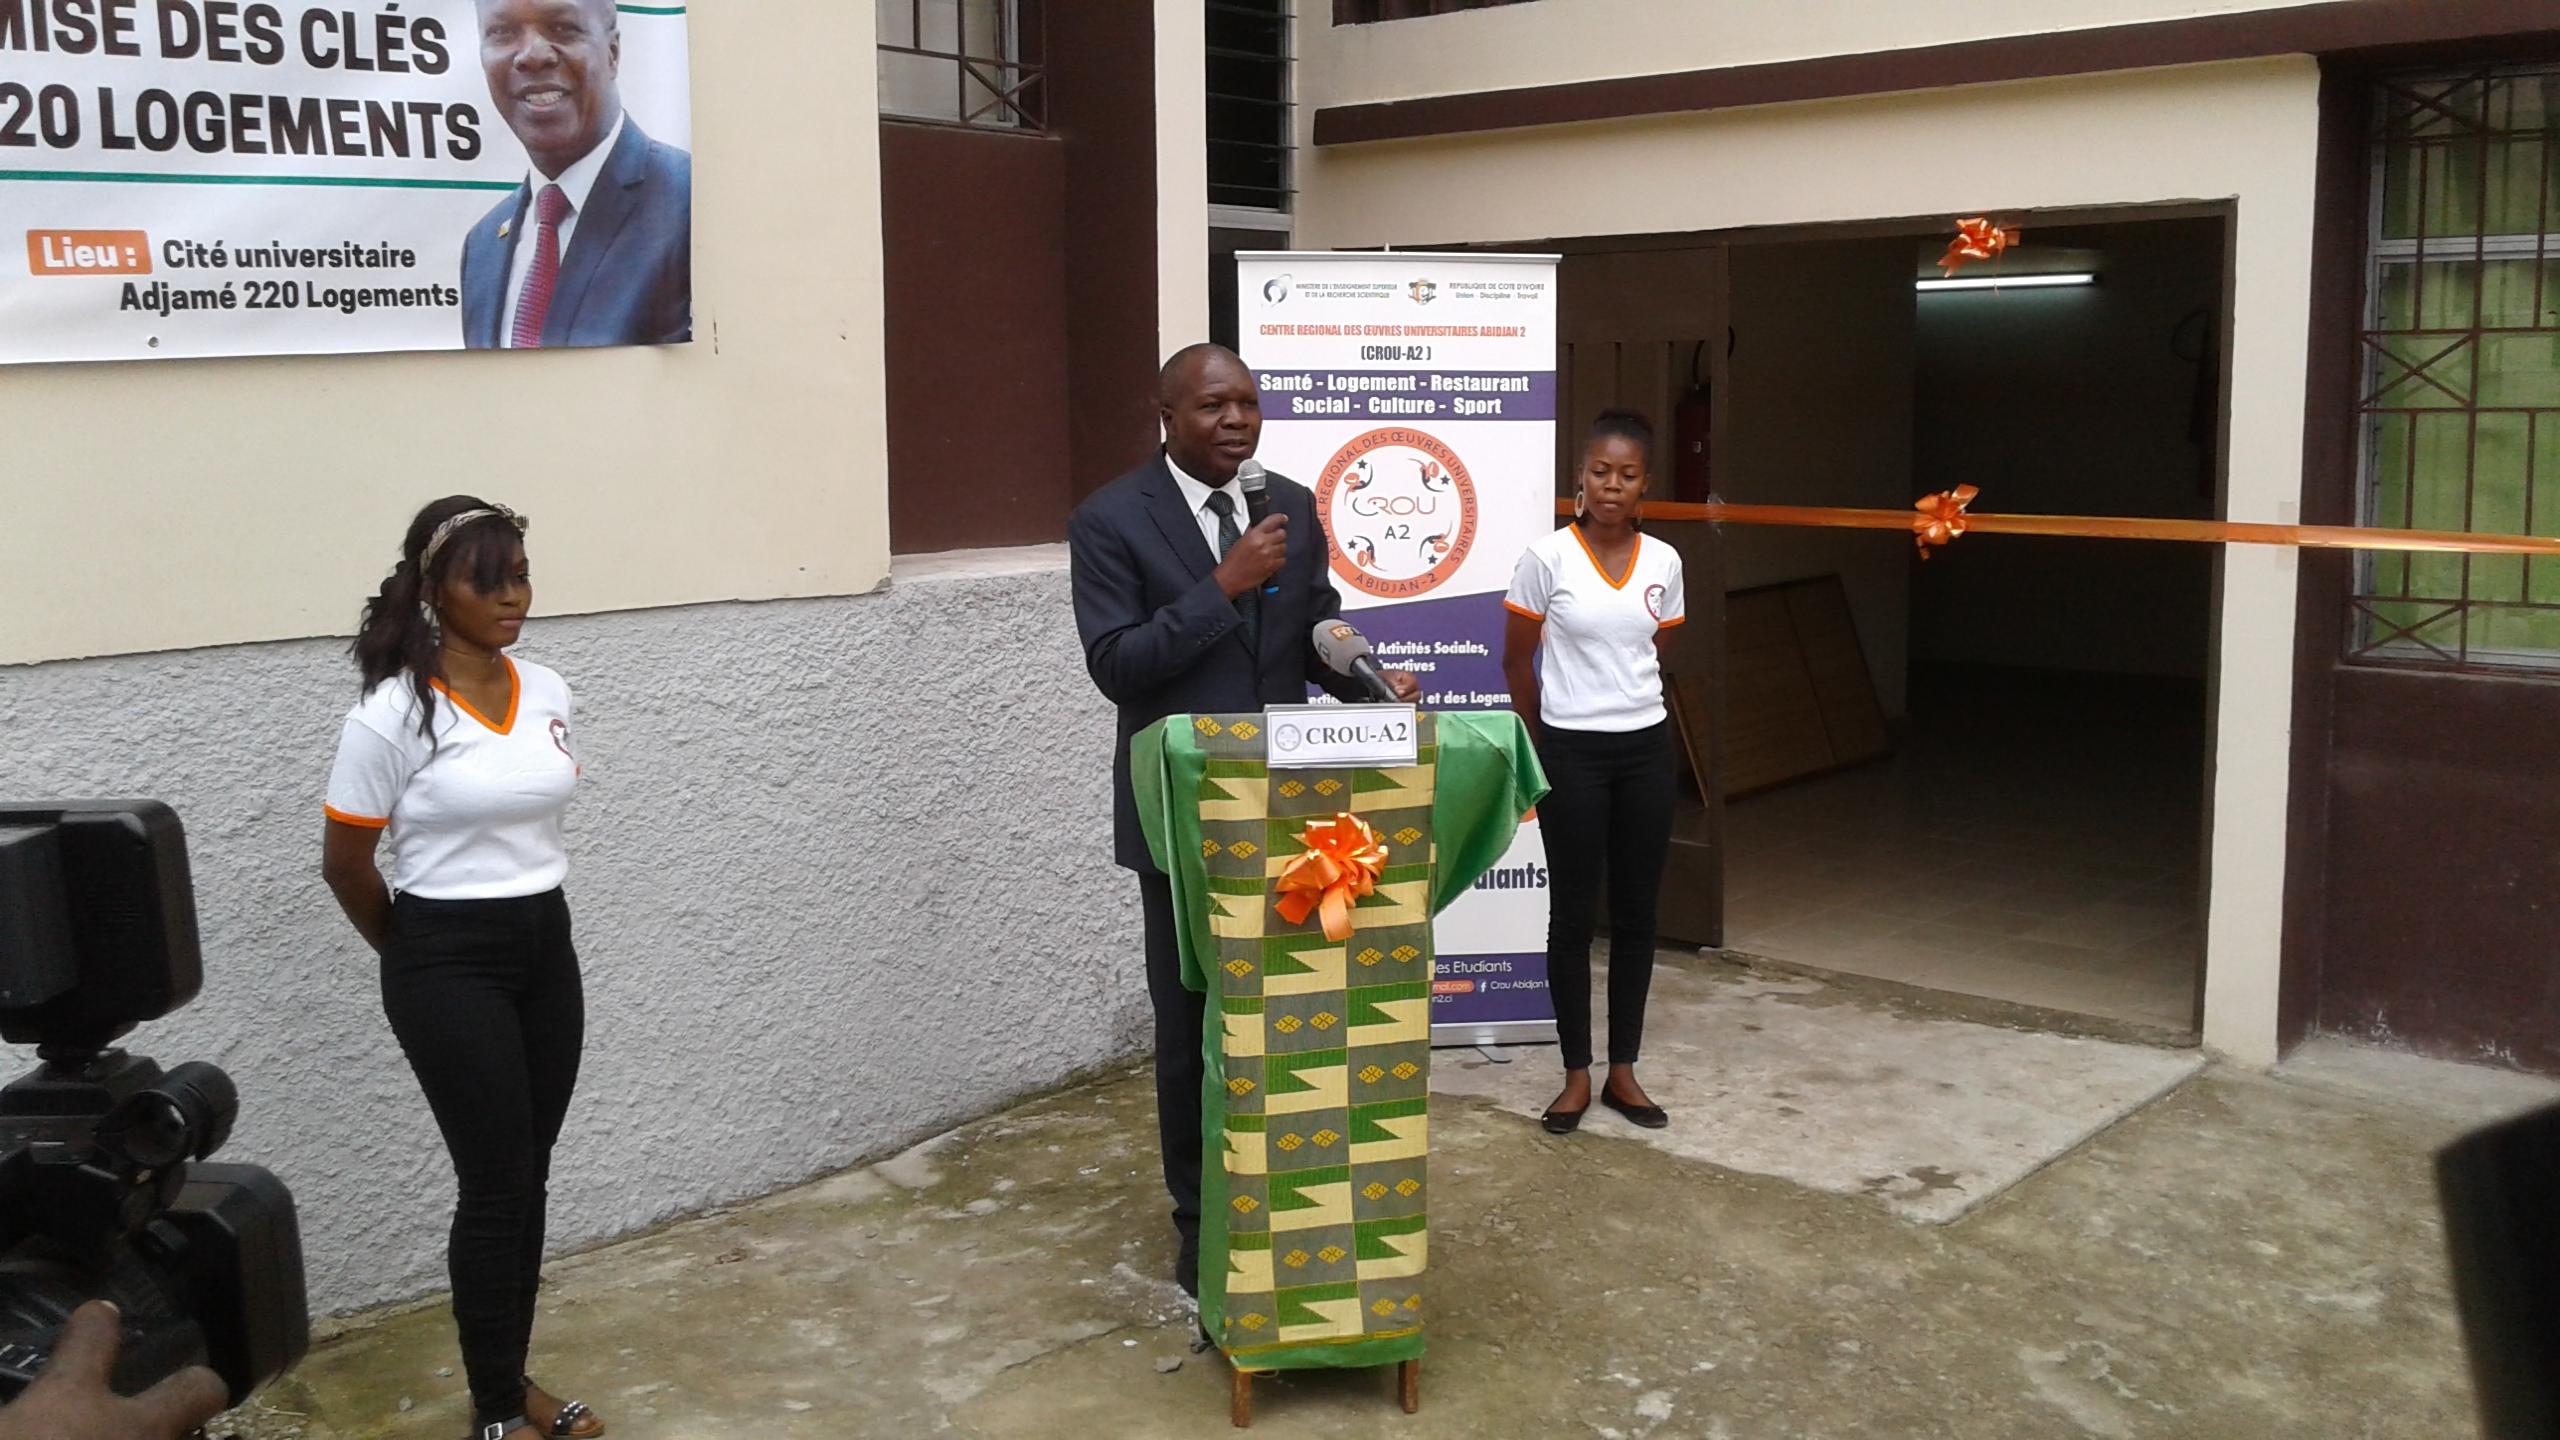 Remise de clés,cité Adjamé 220 Logements,Mabri Toikeusse